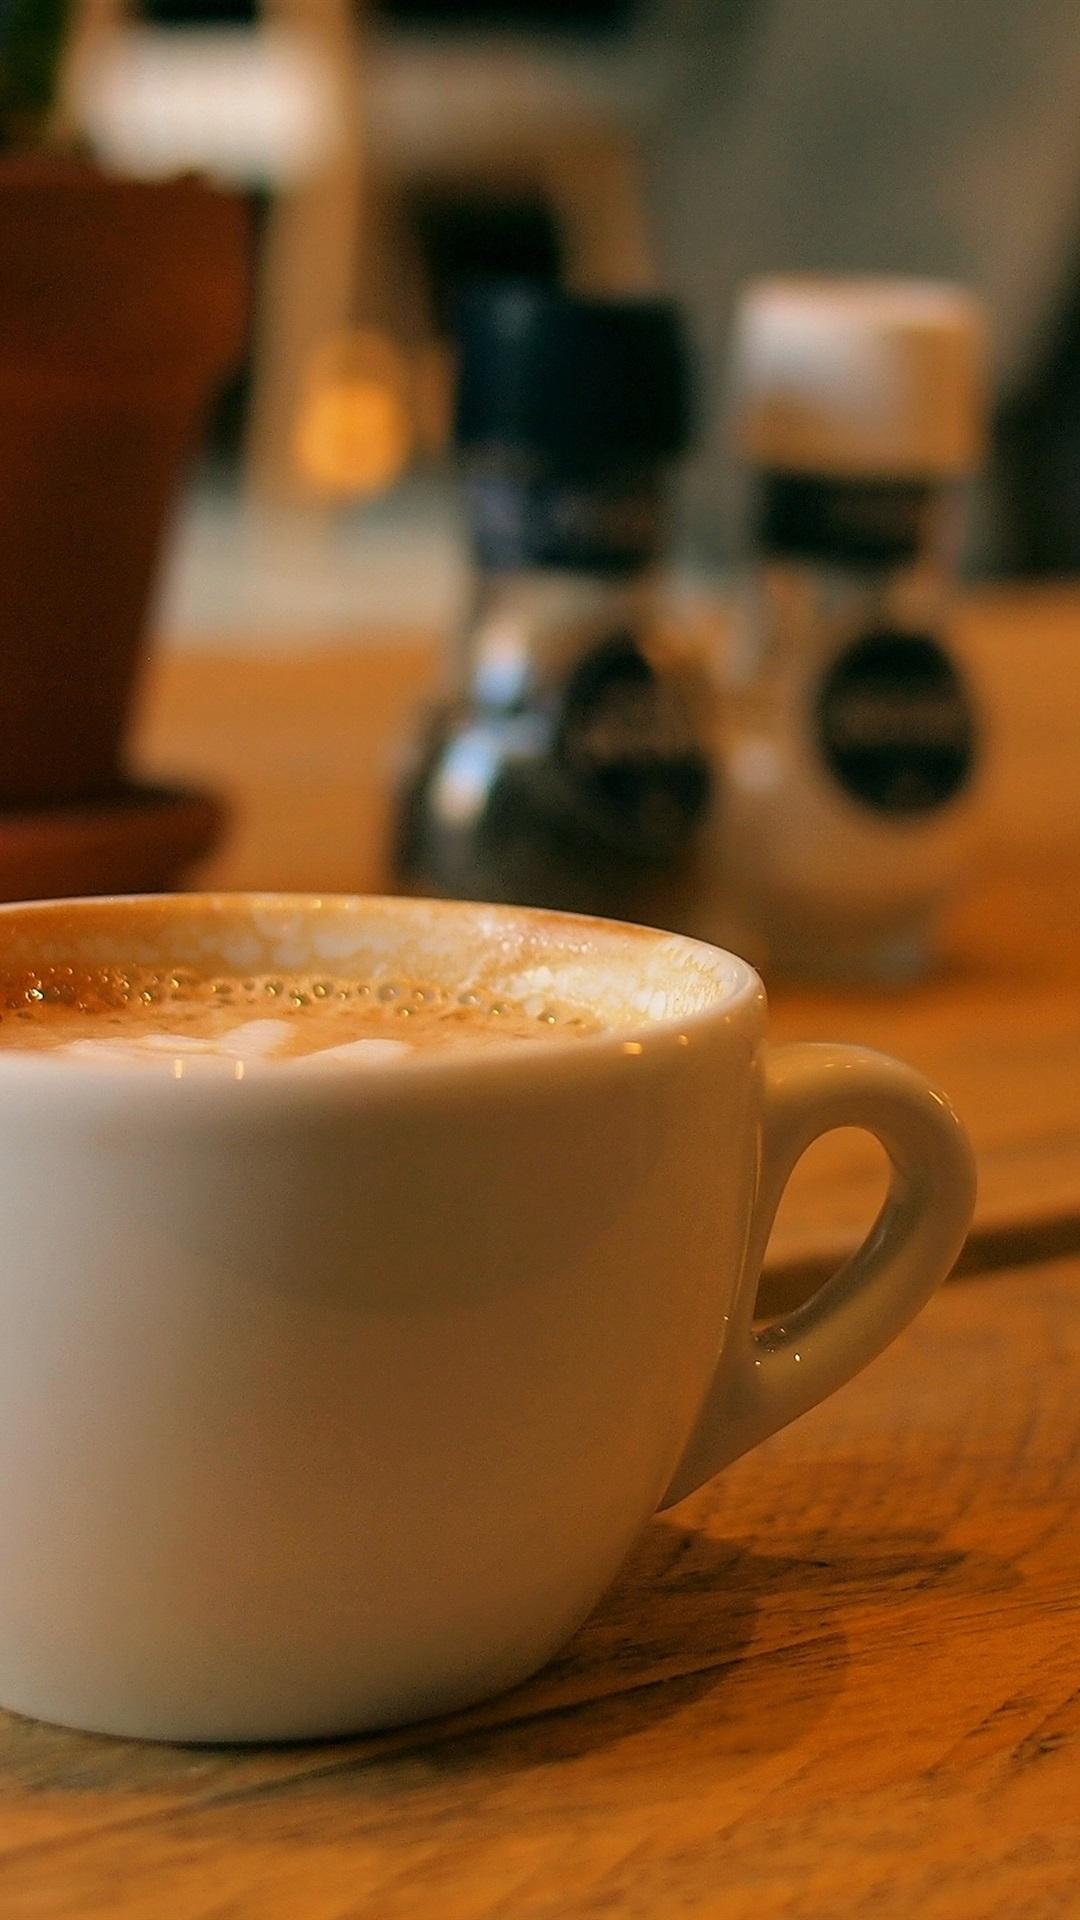 ホワイトカップコーヒー 1080x1920 Iphone 8 7 6 6s Plus 壁紙 背景 画像